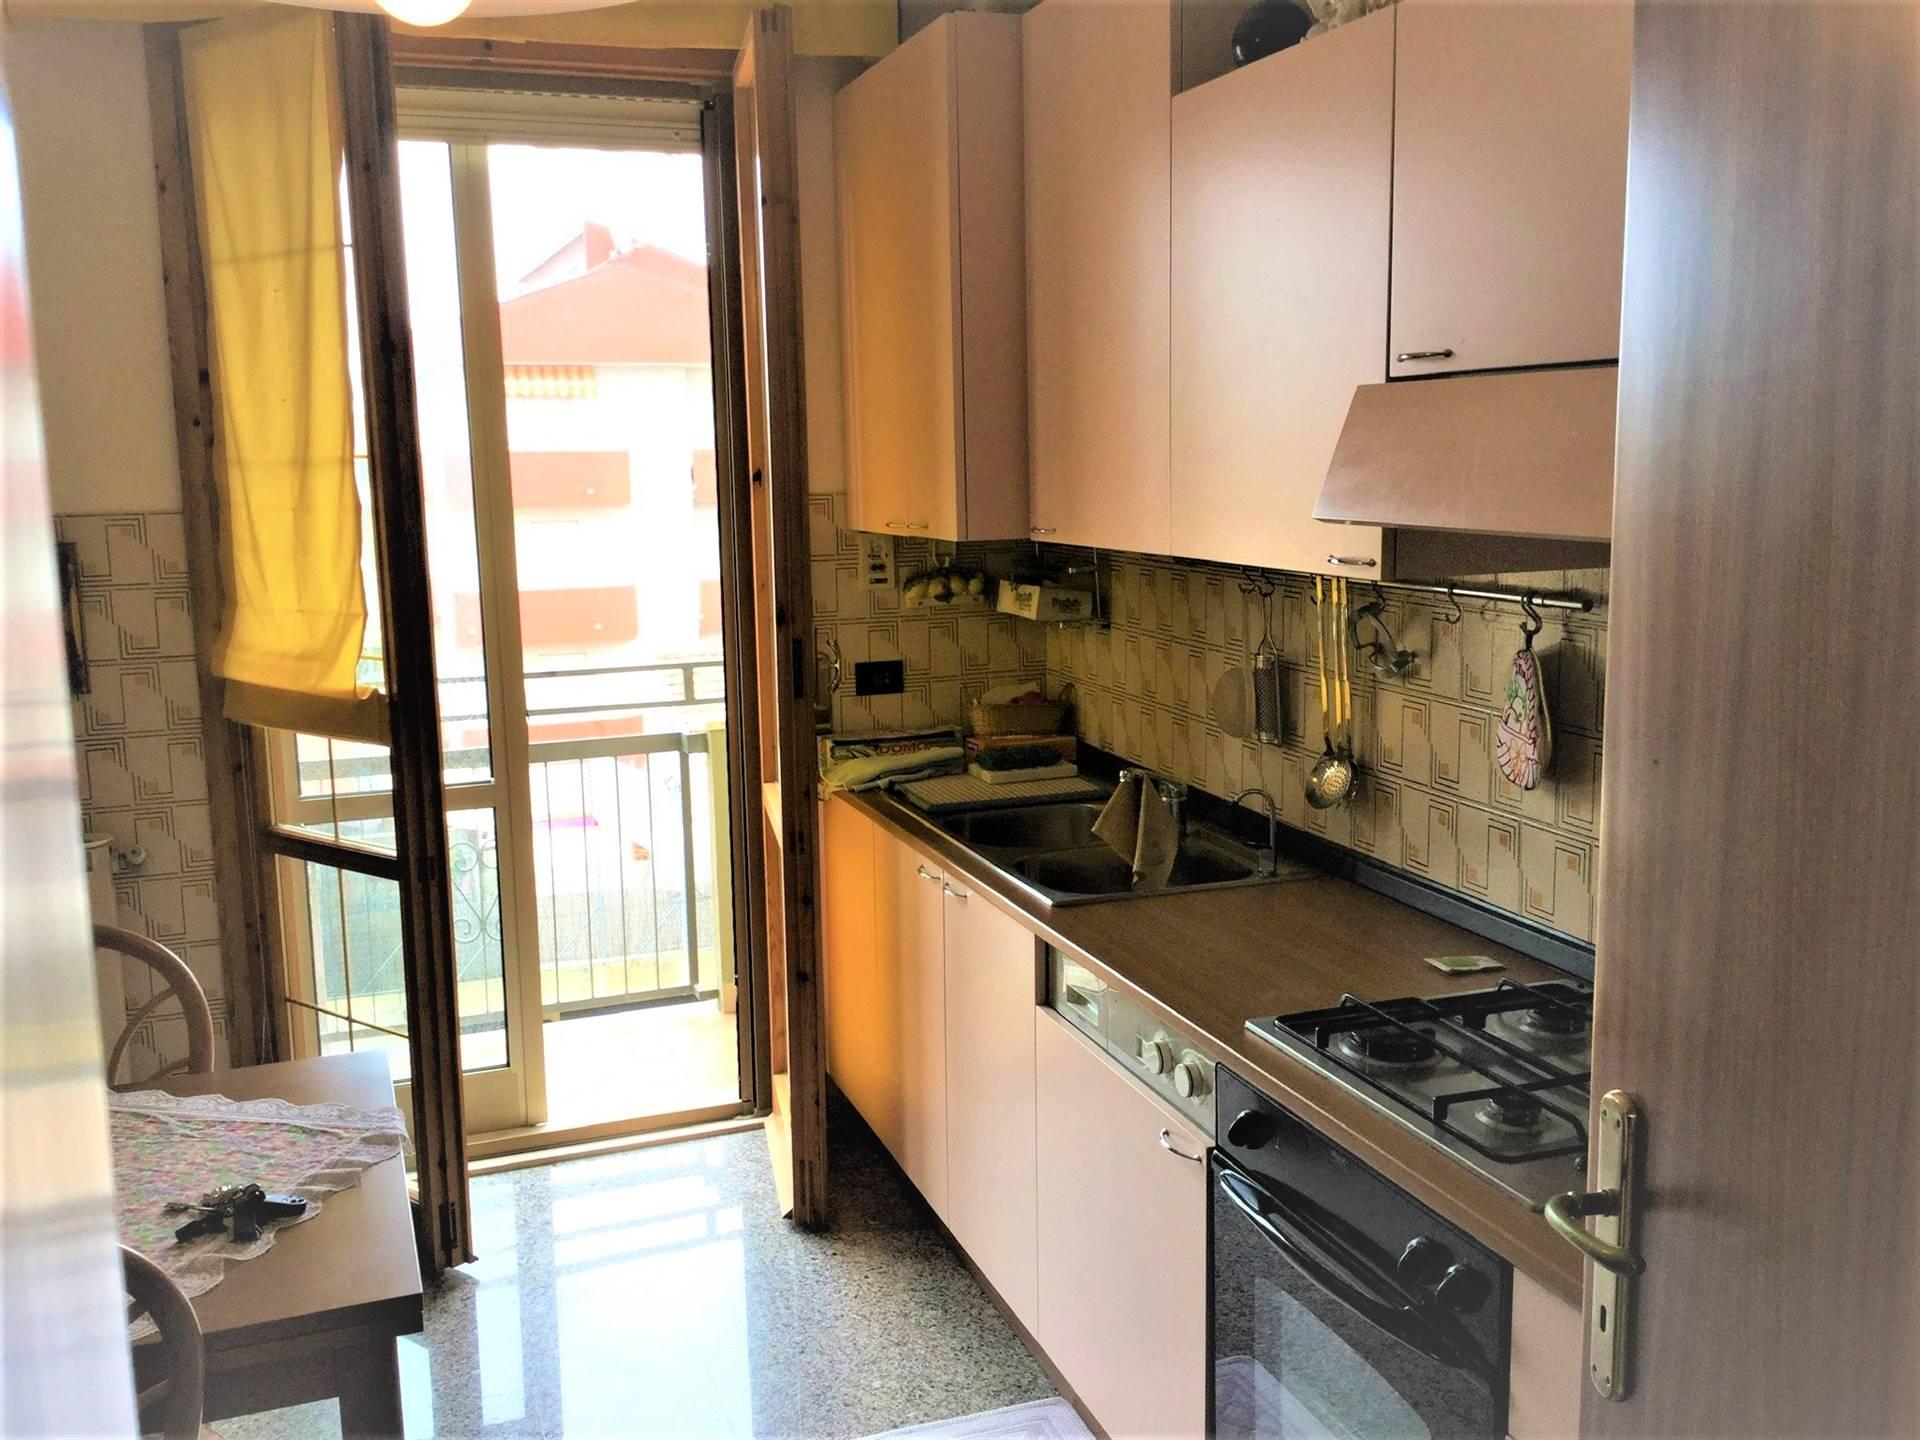 Appartamento in vendita a Rimini, 5 locali, zona Zona: Viserbella, prezzo € 195.000 | CambioCasa.it